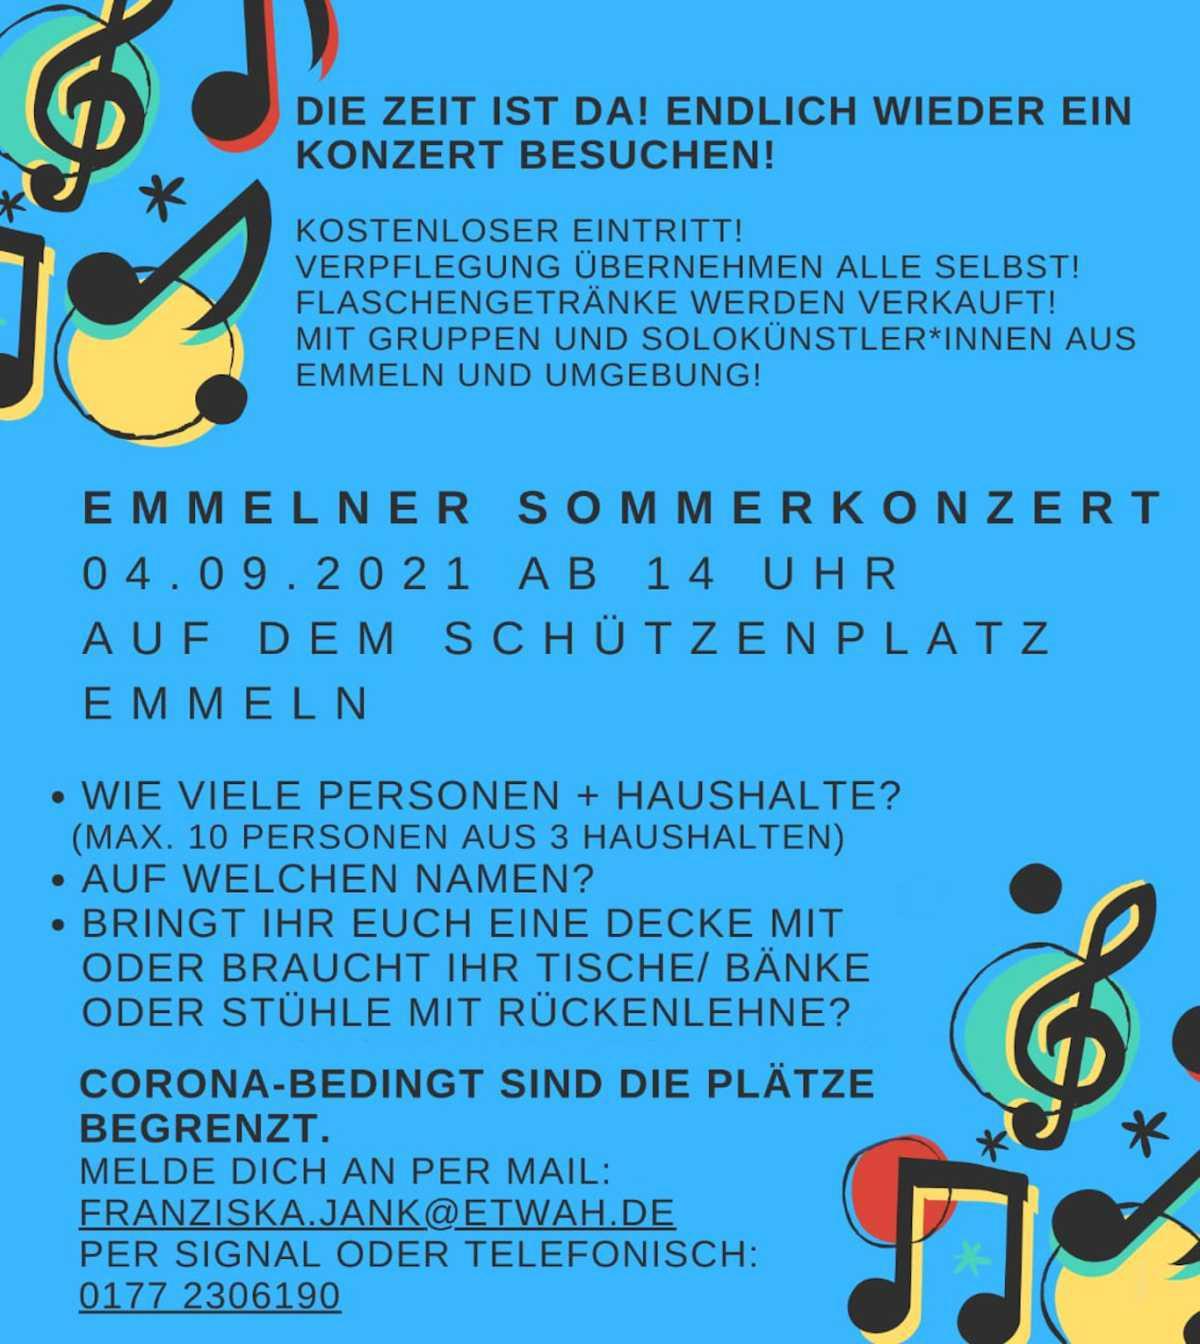 Emmelner Sommerkonzert am 04. September